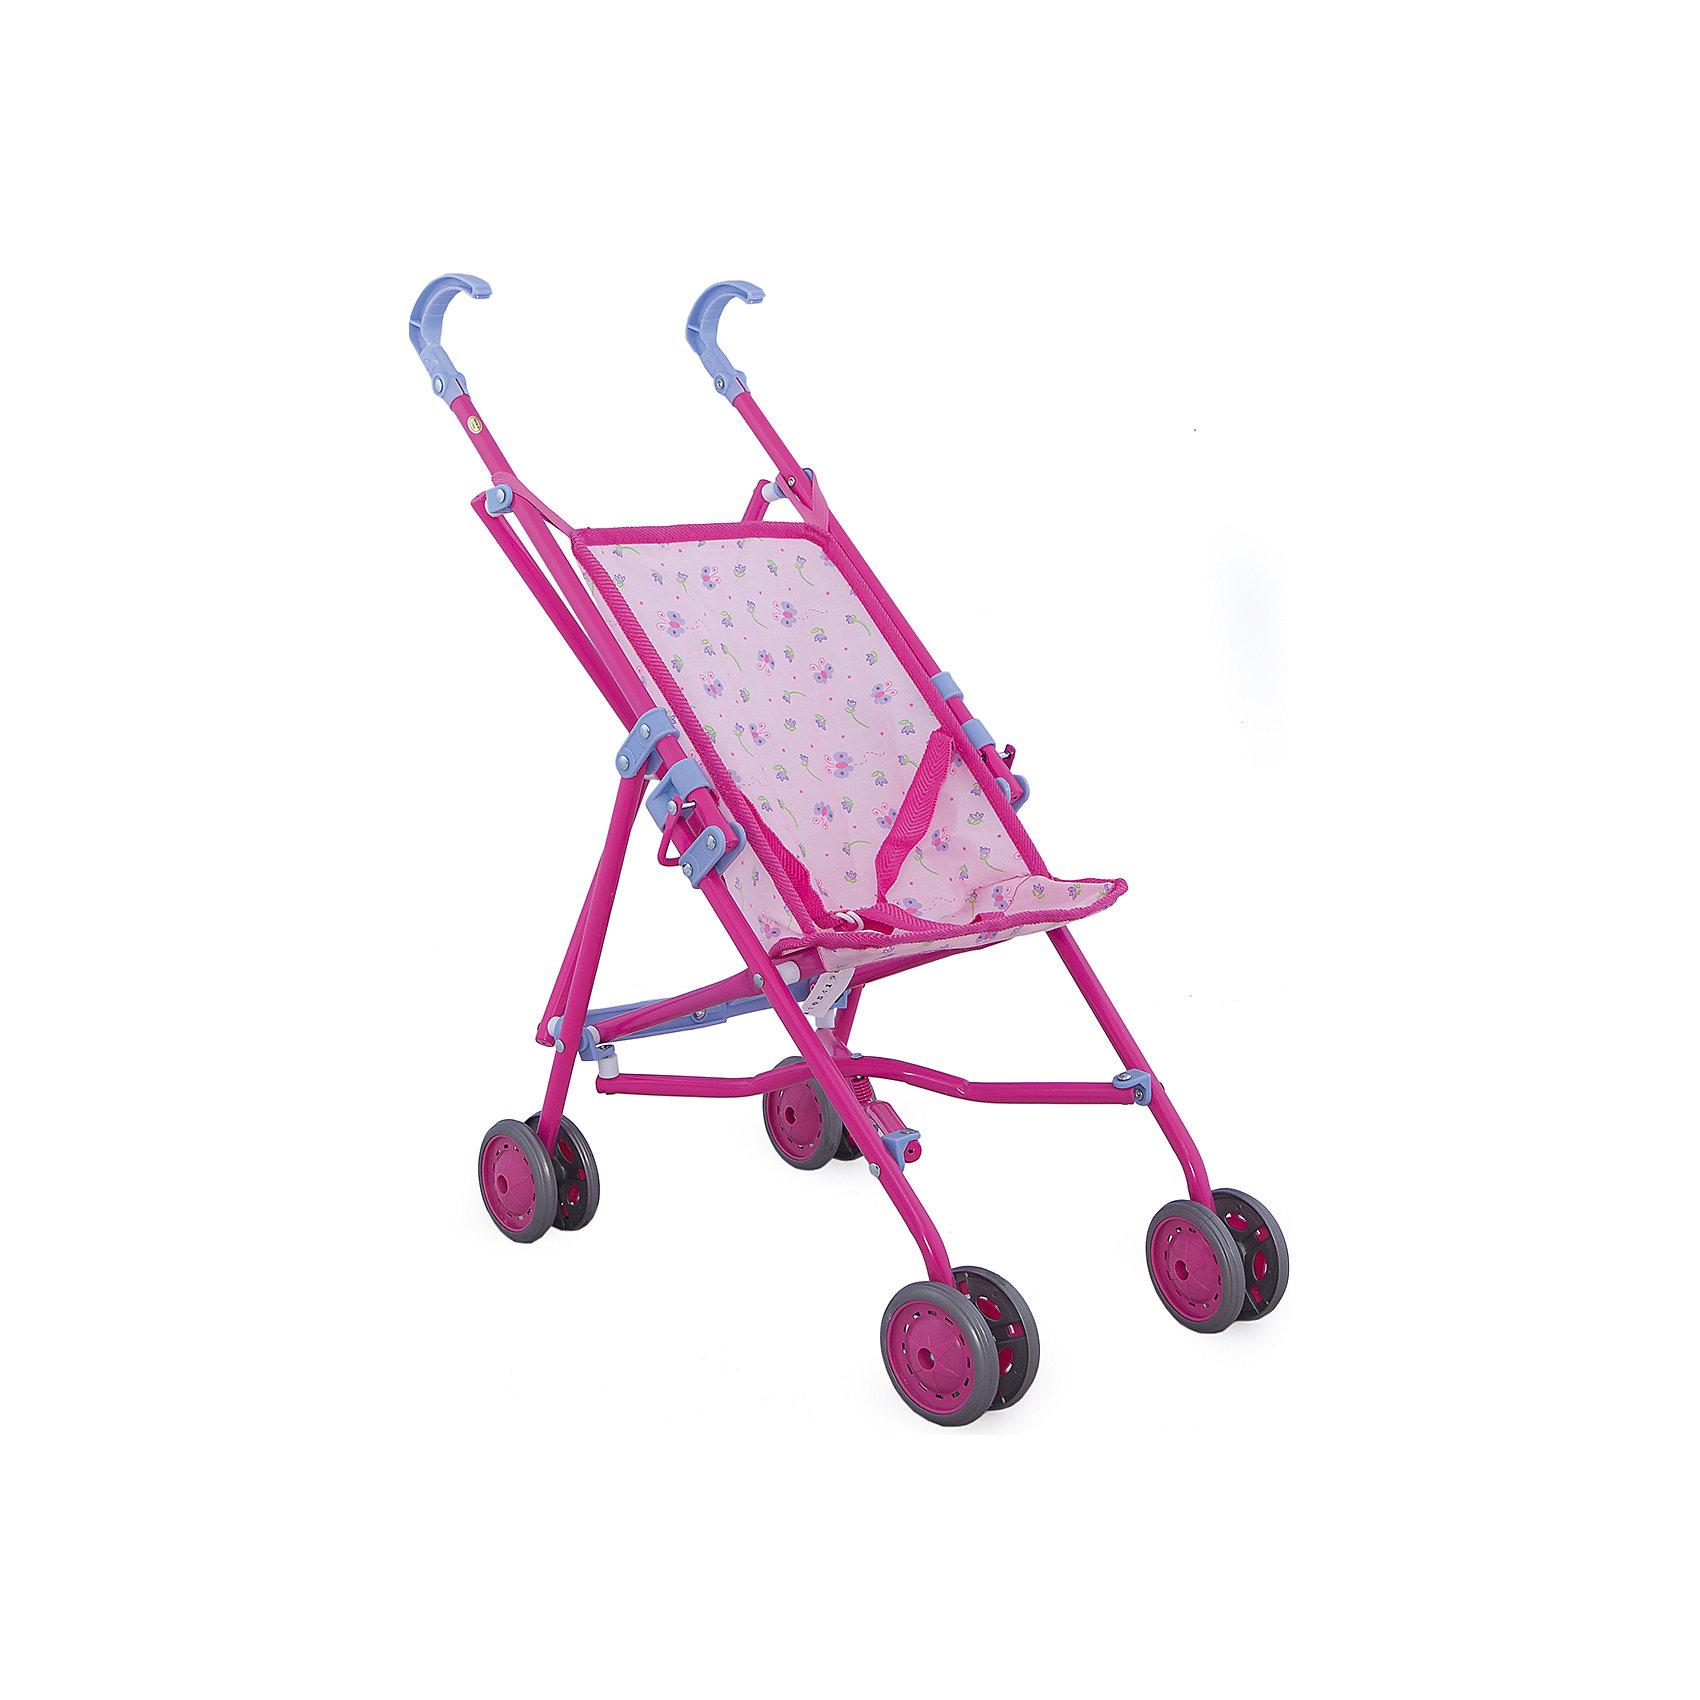 Коляска для куклыОчень удобная и легкая коляска-трость для любимой куклы вашего ребенка. Коляска легко складывается, ее можно брать с собой на прогулку и в поездки. Ребенок с удовольствием будет катать свою куклу в этой коляске.<br><br>Дополнительная информация:<br><br>- Материал: пластмасса, текстиль.<br>- Высота коляски: 60 см.<br>- Размер упаковки: 11,5 х 66 х 9 см.<br>- Вес: 1,200 кг.<br><br>Кукольная коляска является значимым атрибутом сюжетно-ролевых игр в дочки-матери и стимулирует двигательную активность вашего ребенка. <br> <br>Купить коляску можно в нашем магазине.<br><br>Ширина мм: 90<br>Глубина мм: 115<br>Высота мм: 660<br>Вес г: 1200<br>Возраст от месяцев: 36<br>Возраст до месяцев: 1164<br>Пол: Женский<br>Возраст: Детский<br>SKU: 4835079